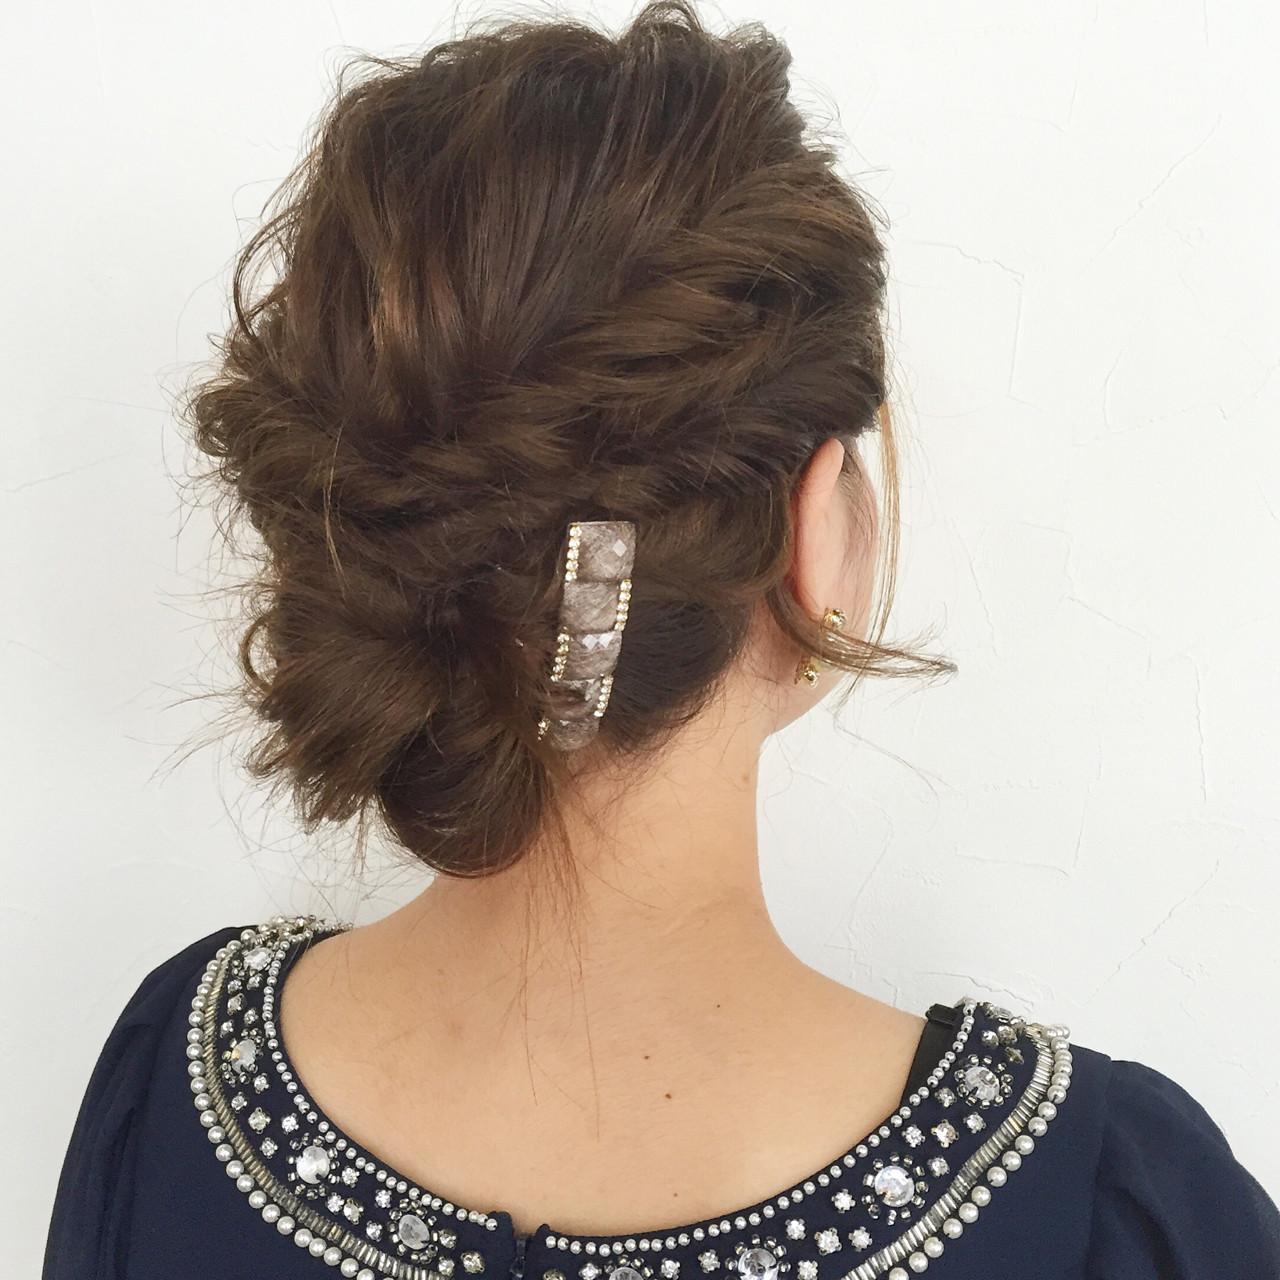 結婚式・お呼ばれに。おすすめアップのヘアスタイルとセルフアレンジ法 大西未紗